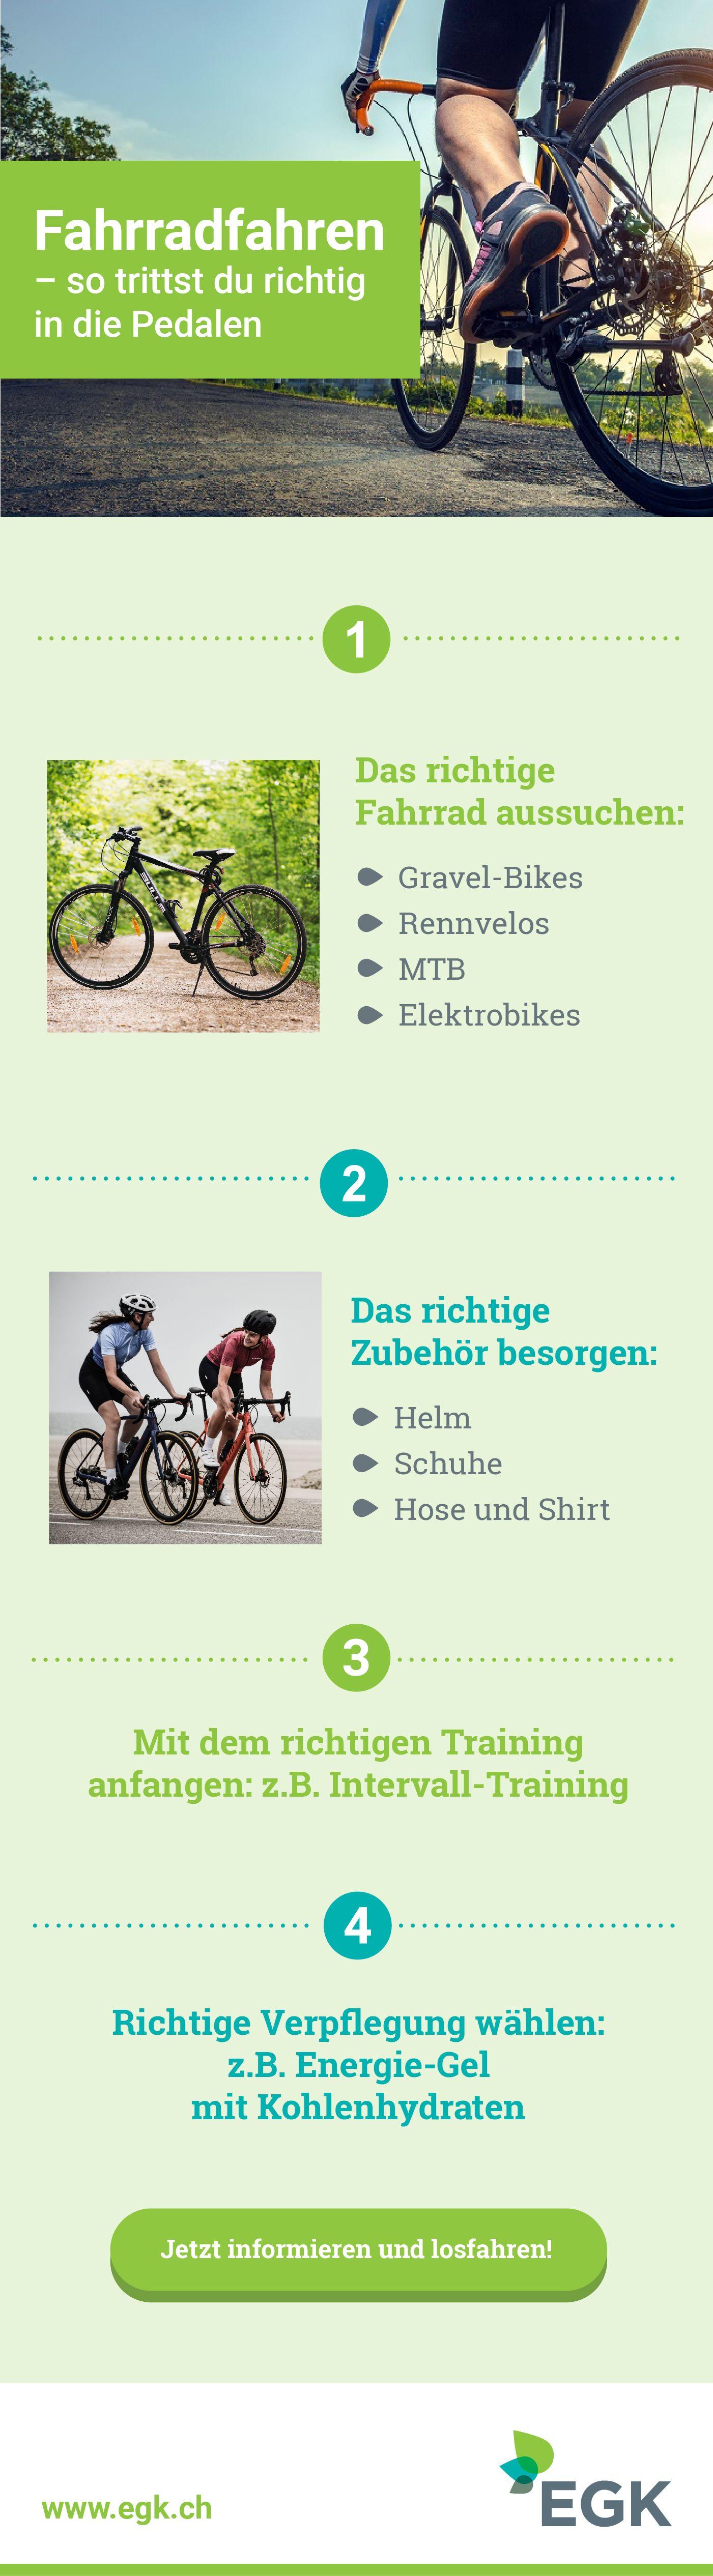 Fahrrad Aussuchen Zubehor Training U V M Fahrrad Fahren